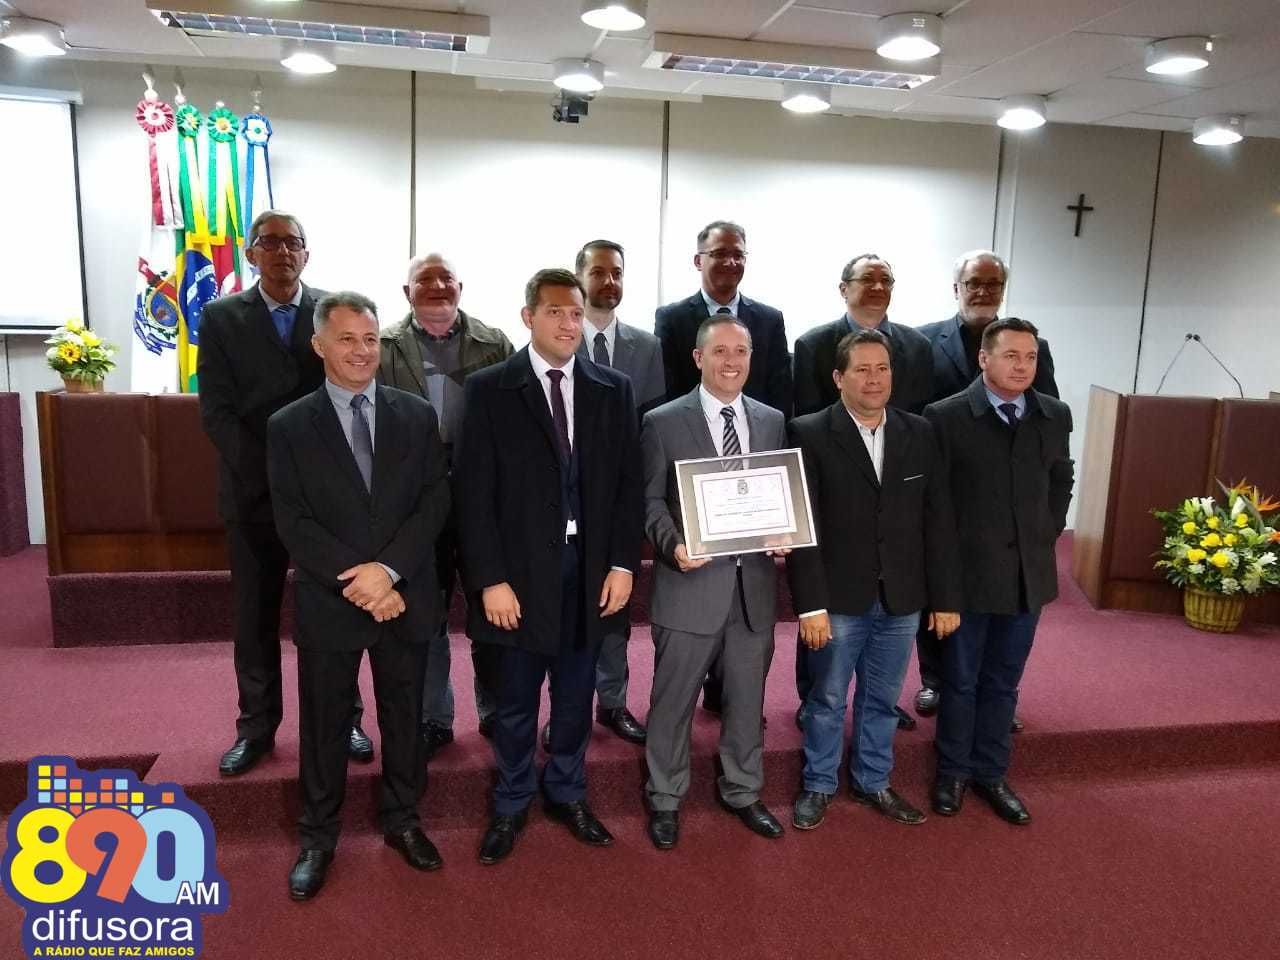 CDL/BG é homenageada pela Câmara pelos 50 anos de atuação em prol do comércio